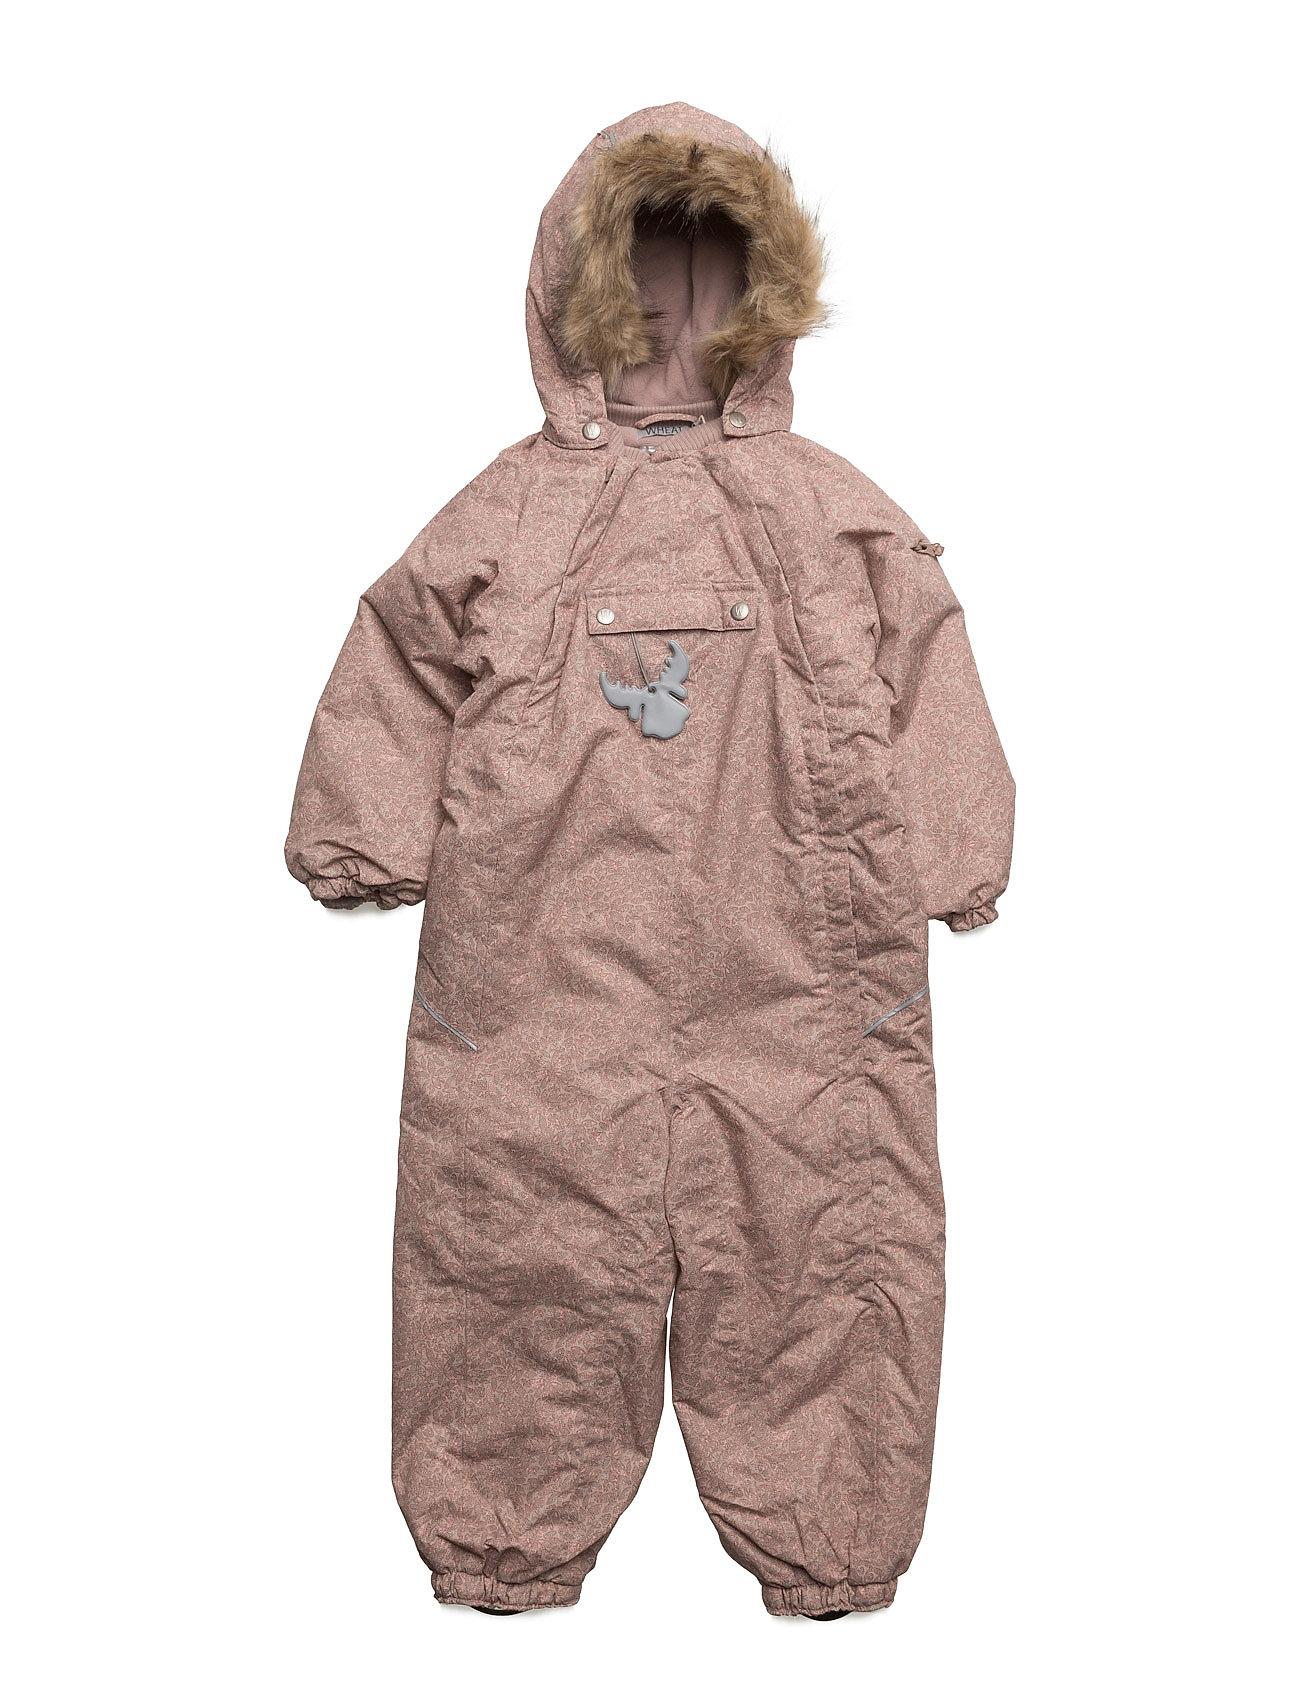 Snowsuit Nickie Wheat Overalls til Børn i Pulver